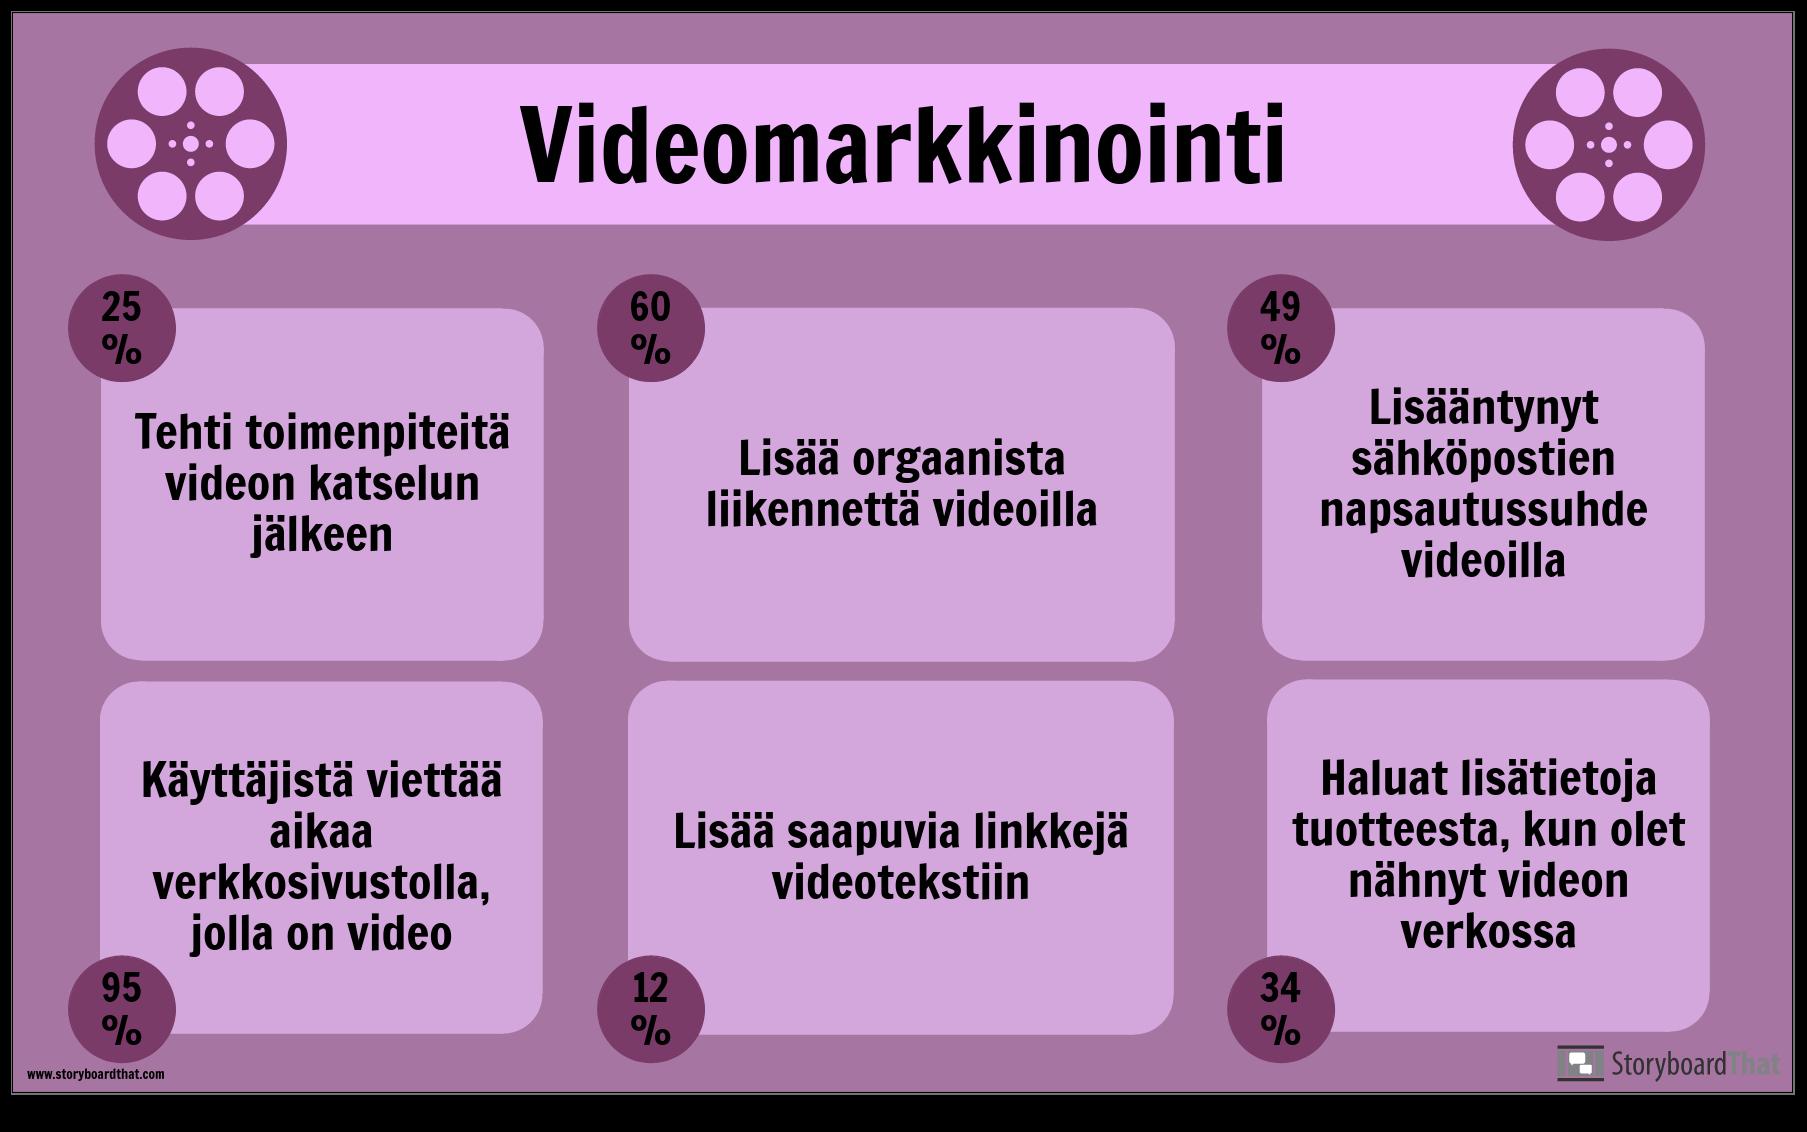 Videomarkkinoinnin Esimerkki